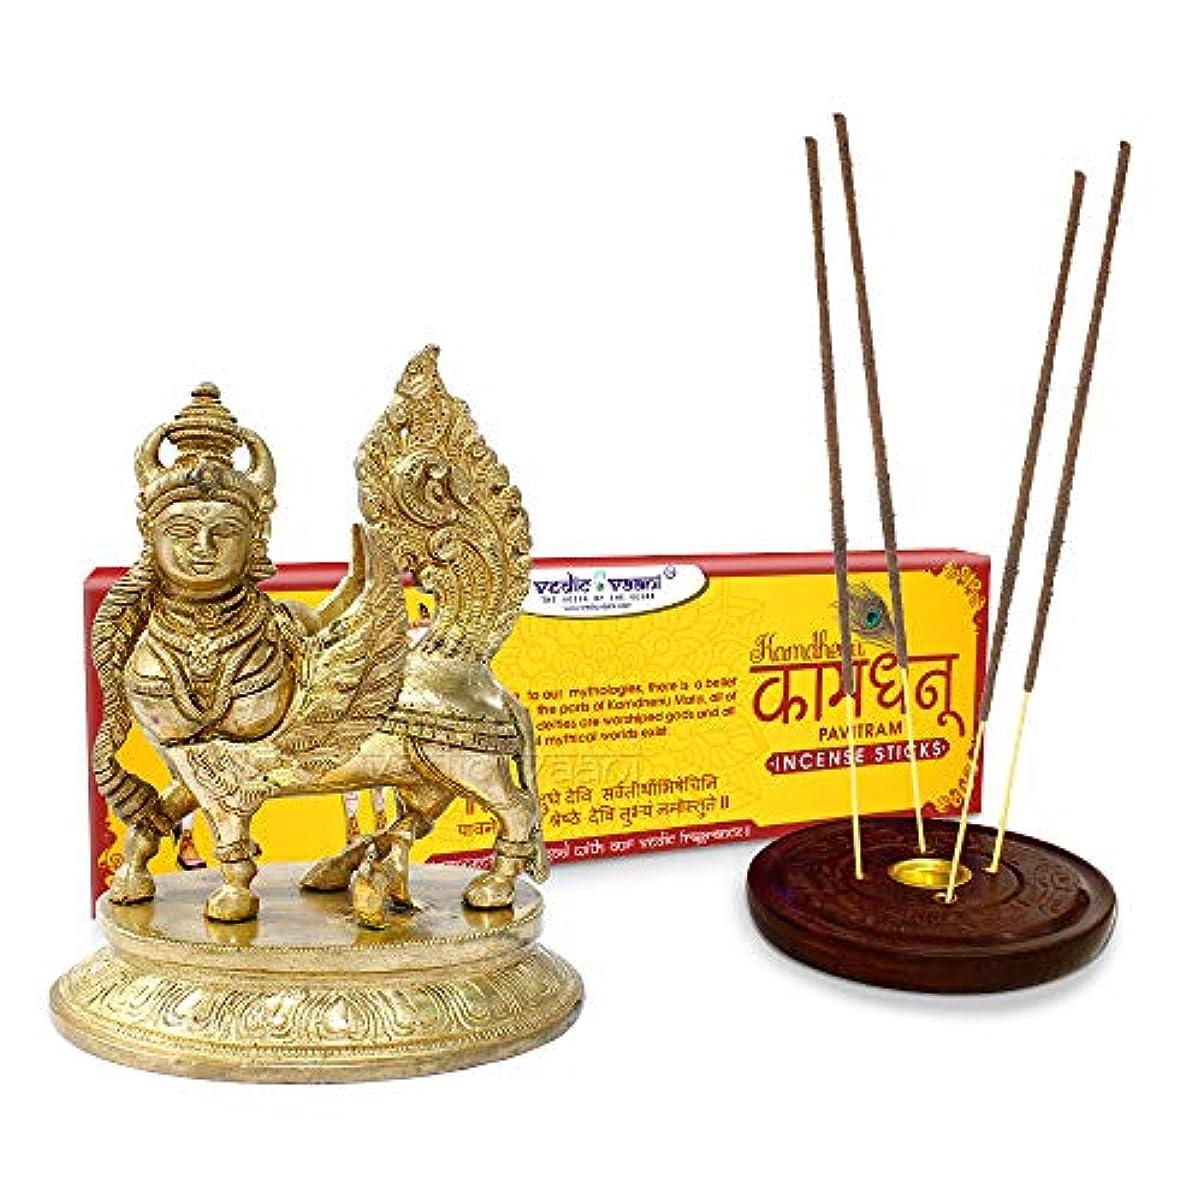 思い出させるロシア競争Vedic Vaani Kamdhenu Idol 真鍮製 Kamdhenu お香スティック